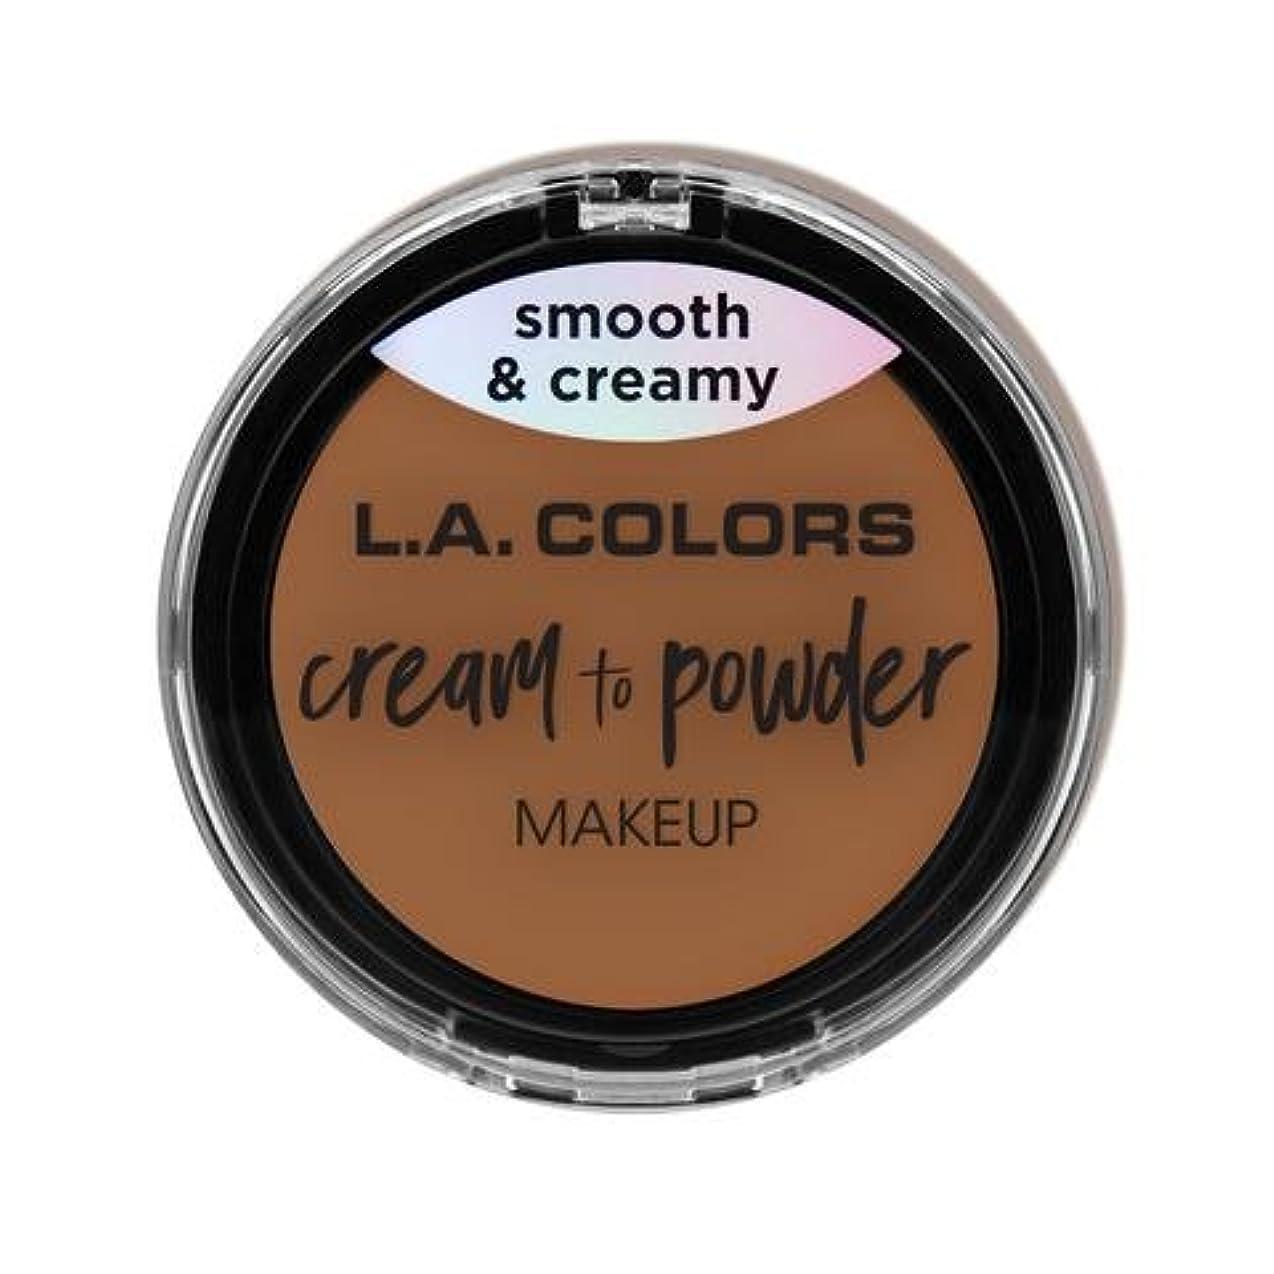 気取らない賛辞明示的に(3 Pack) L.A. COLORS Cream To Powder Foundation - Sand (並行輸入品)